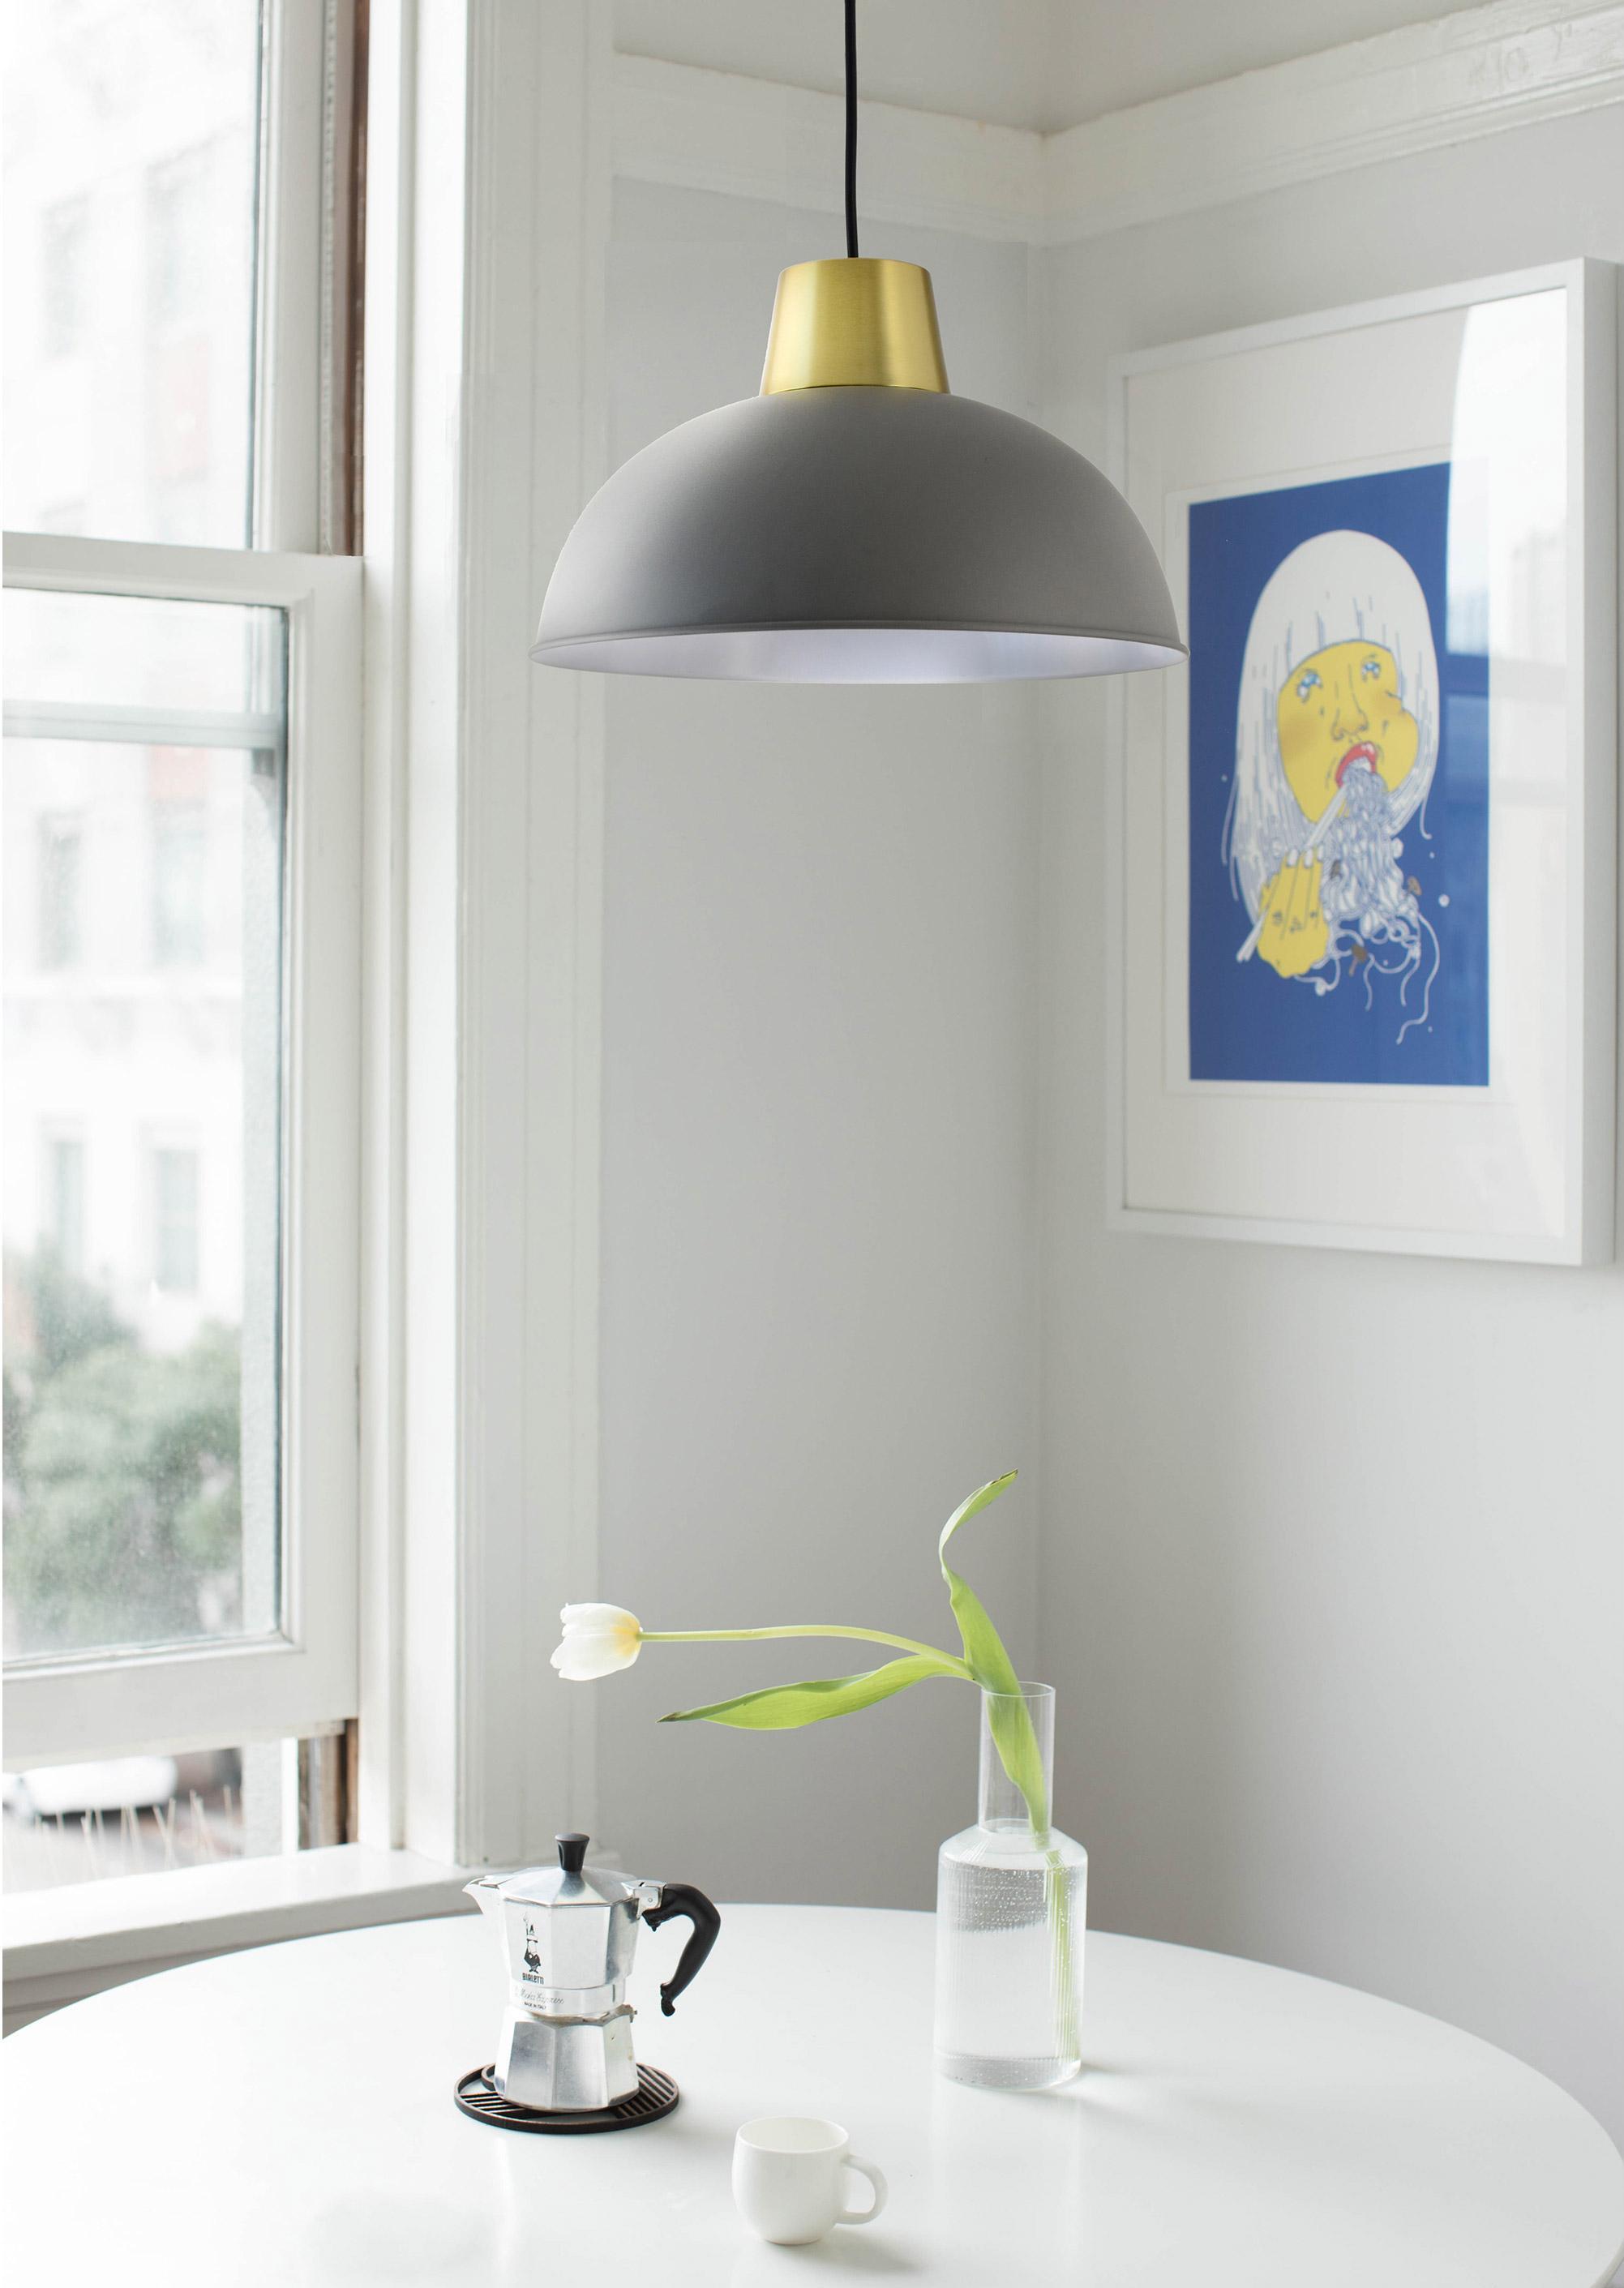 Suspension métal gris/laiton BOUDET Marsdor 1 lumière(s) D.31 cm